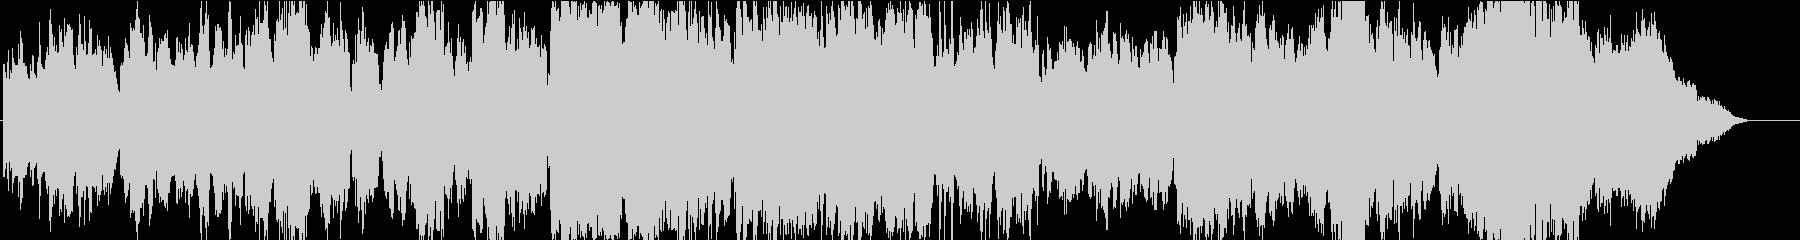 軽い弦とフルートの感情的なピアノ/...の未再生の波形